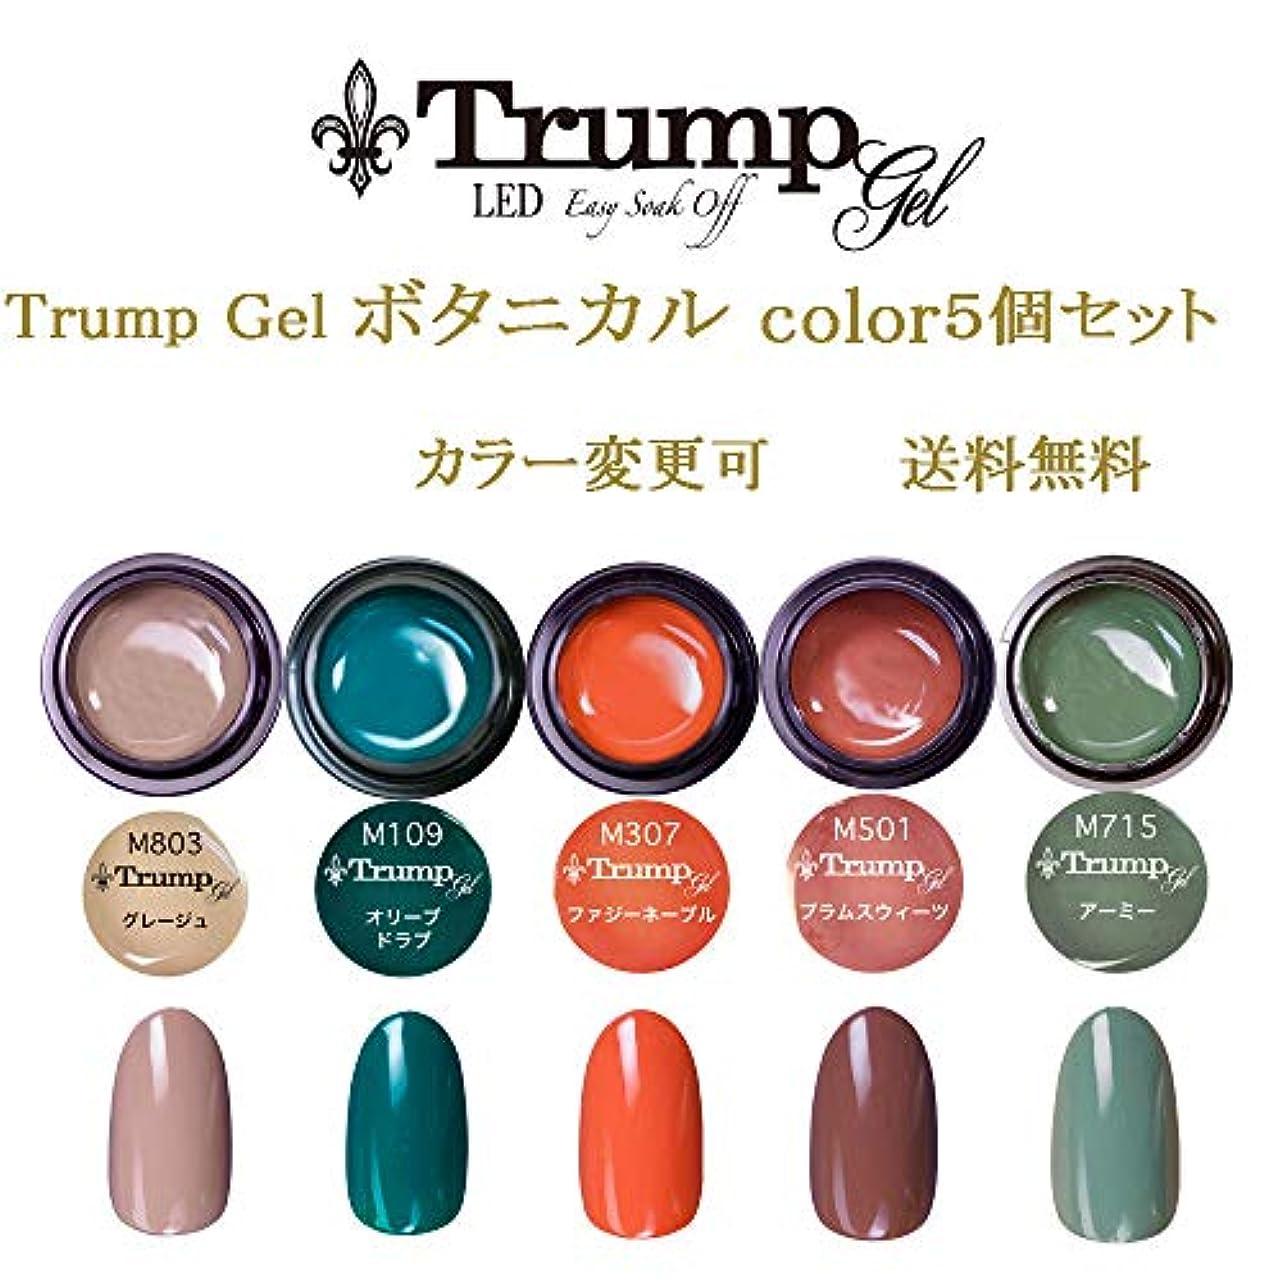 服を着る事業耐えられない日本製 Trump gel トランプジェル ボタニカルカラー 選べる カラージェル 5個セット カーキー ベージュ グリーン